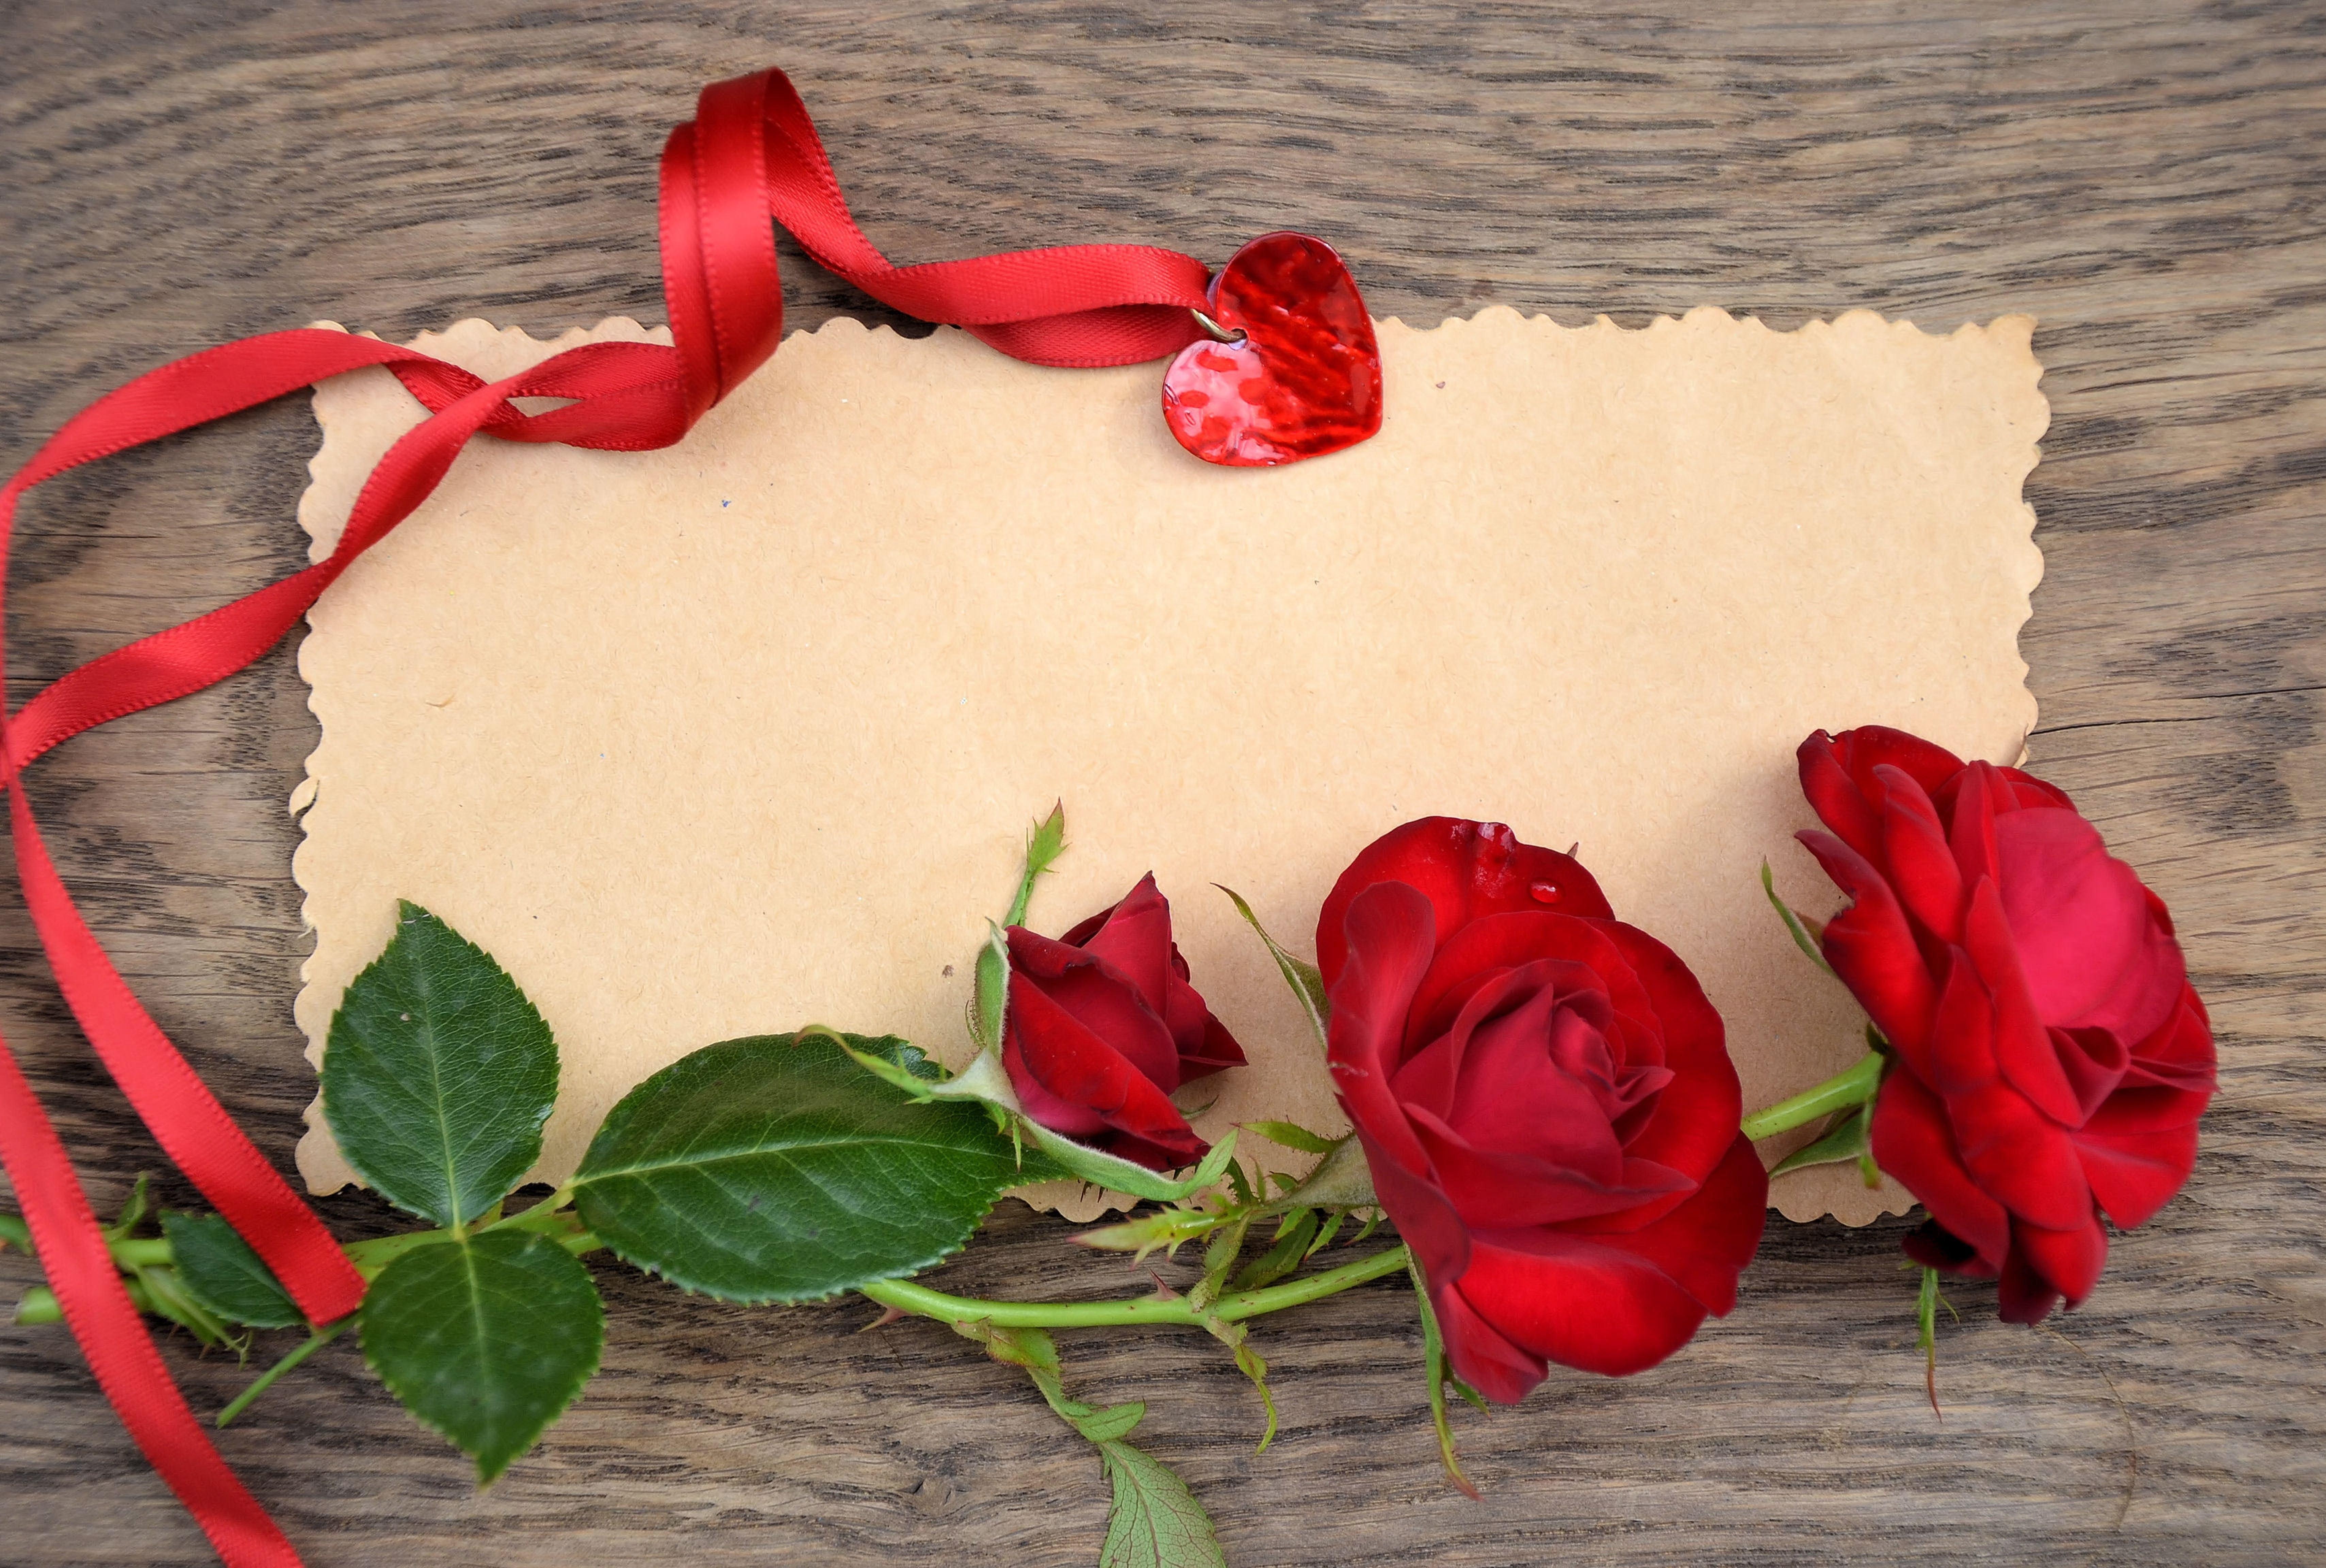 фотографии сердечек для поздравления луговая